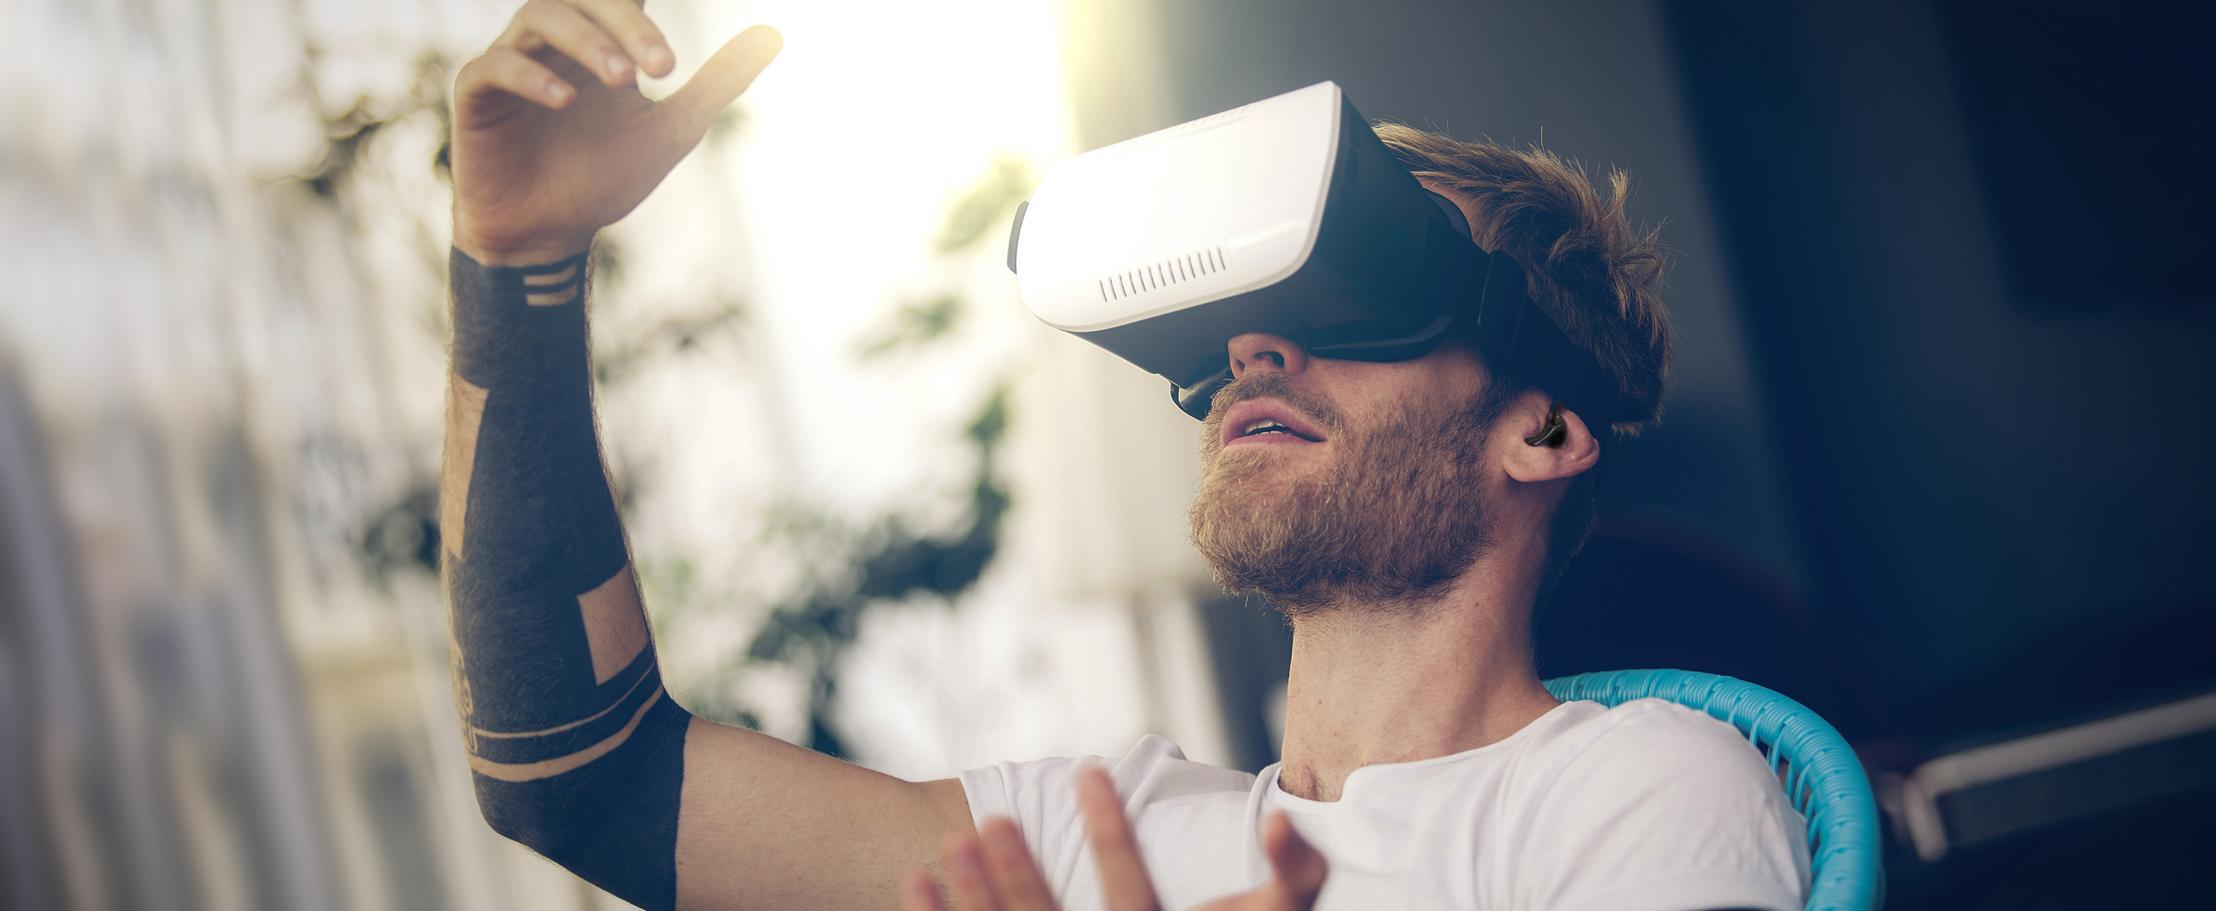 Виртуальная Реальность умирает? Решающее доказательство, почему это не так